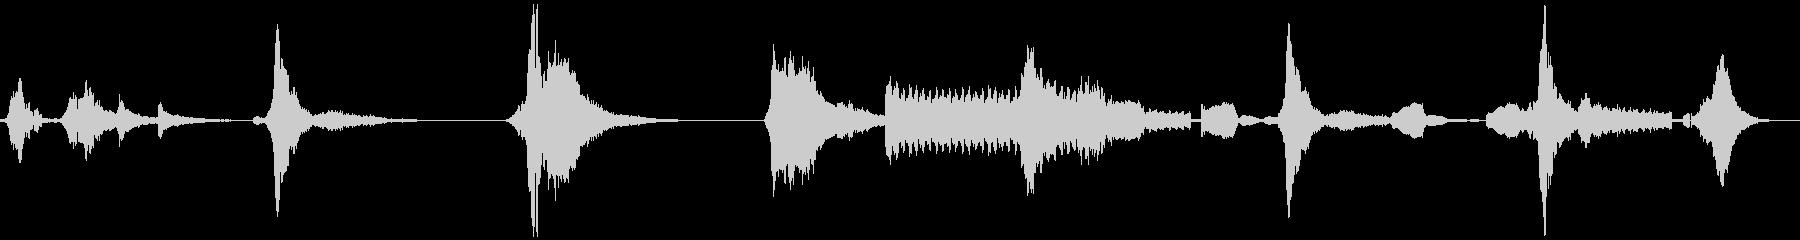 ホラー系 金属音etcの未再生の波形